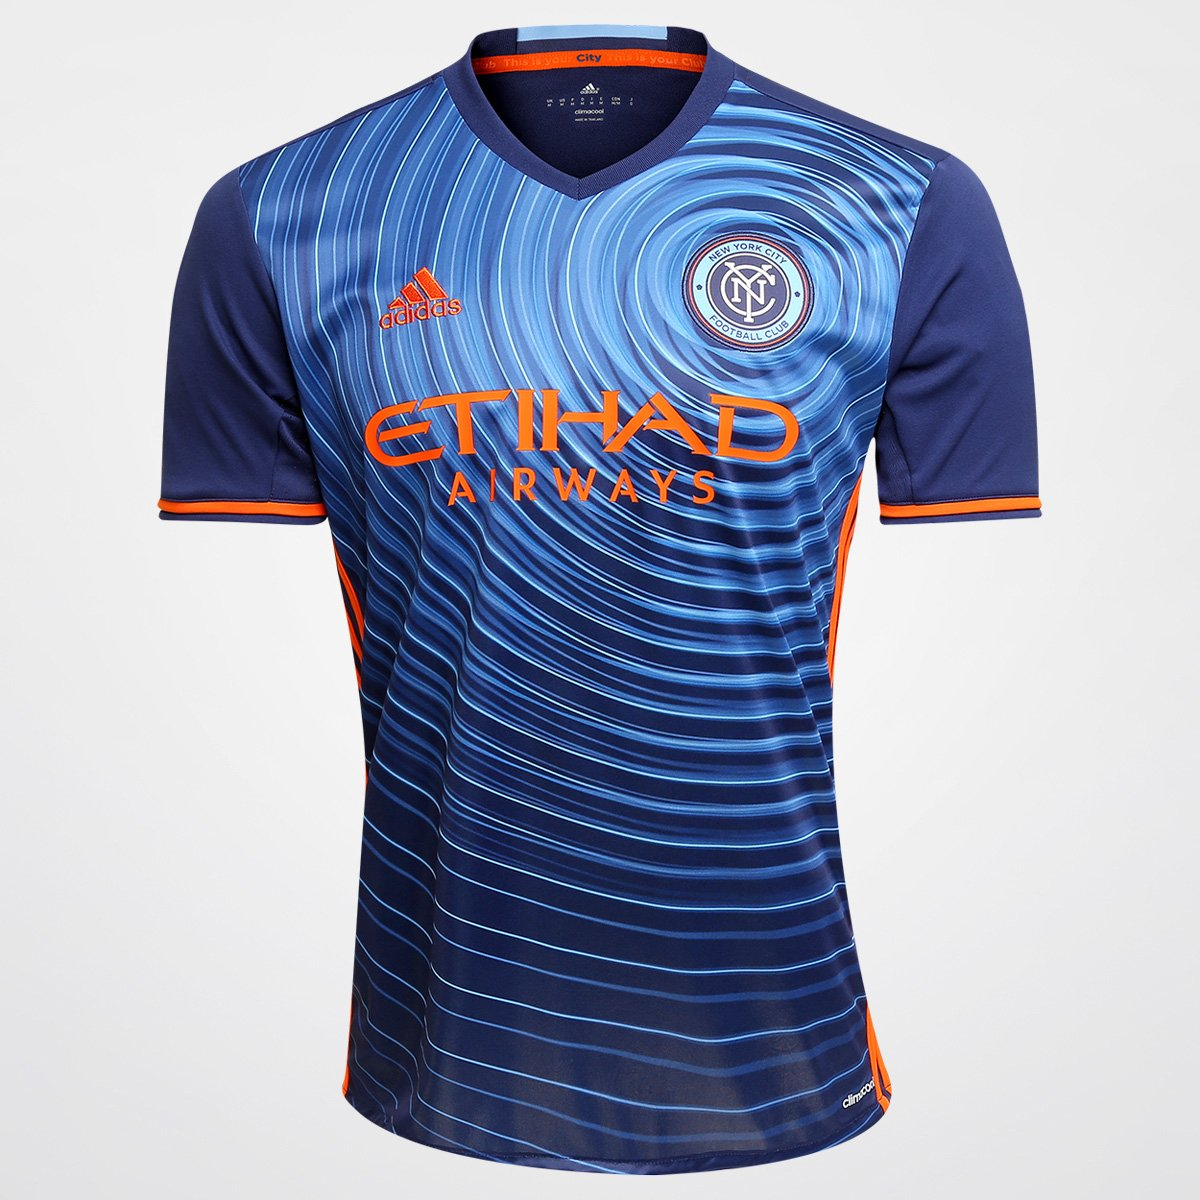 d525615138 Camisa Adidas MLS New York City Away 2016 s nº - Compre Agora